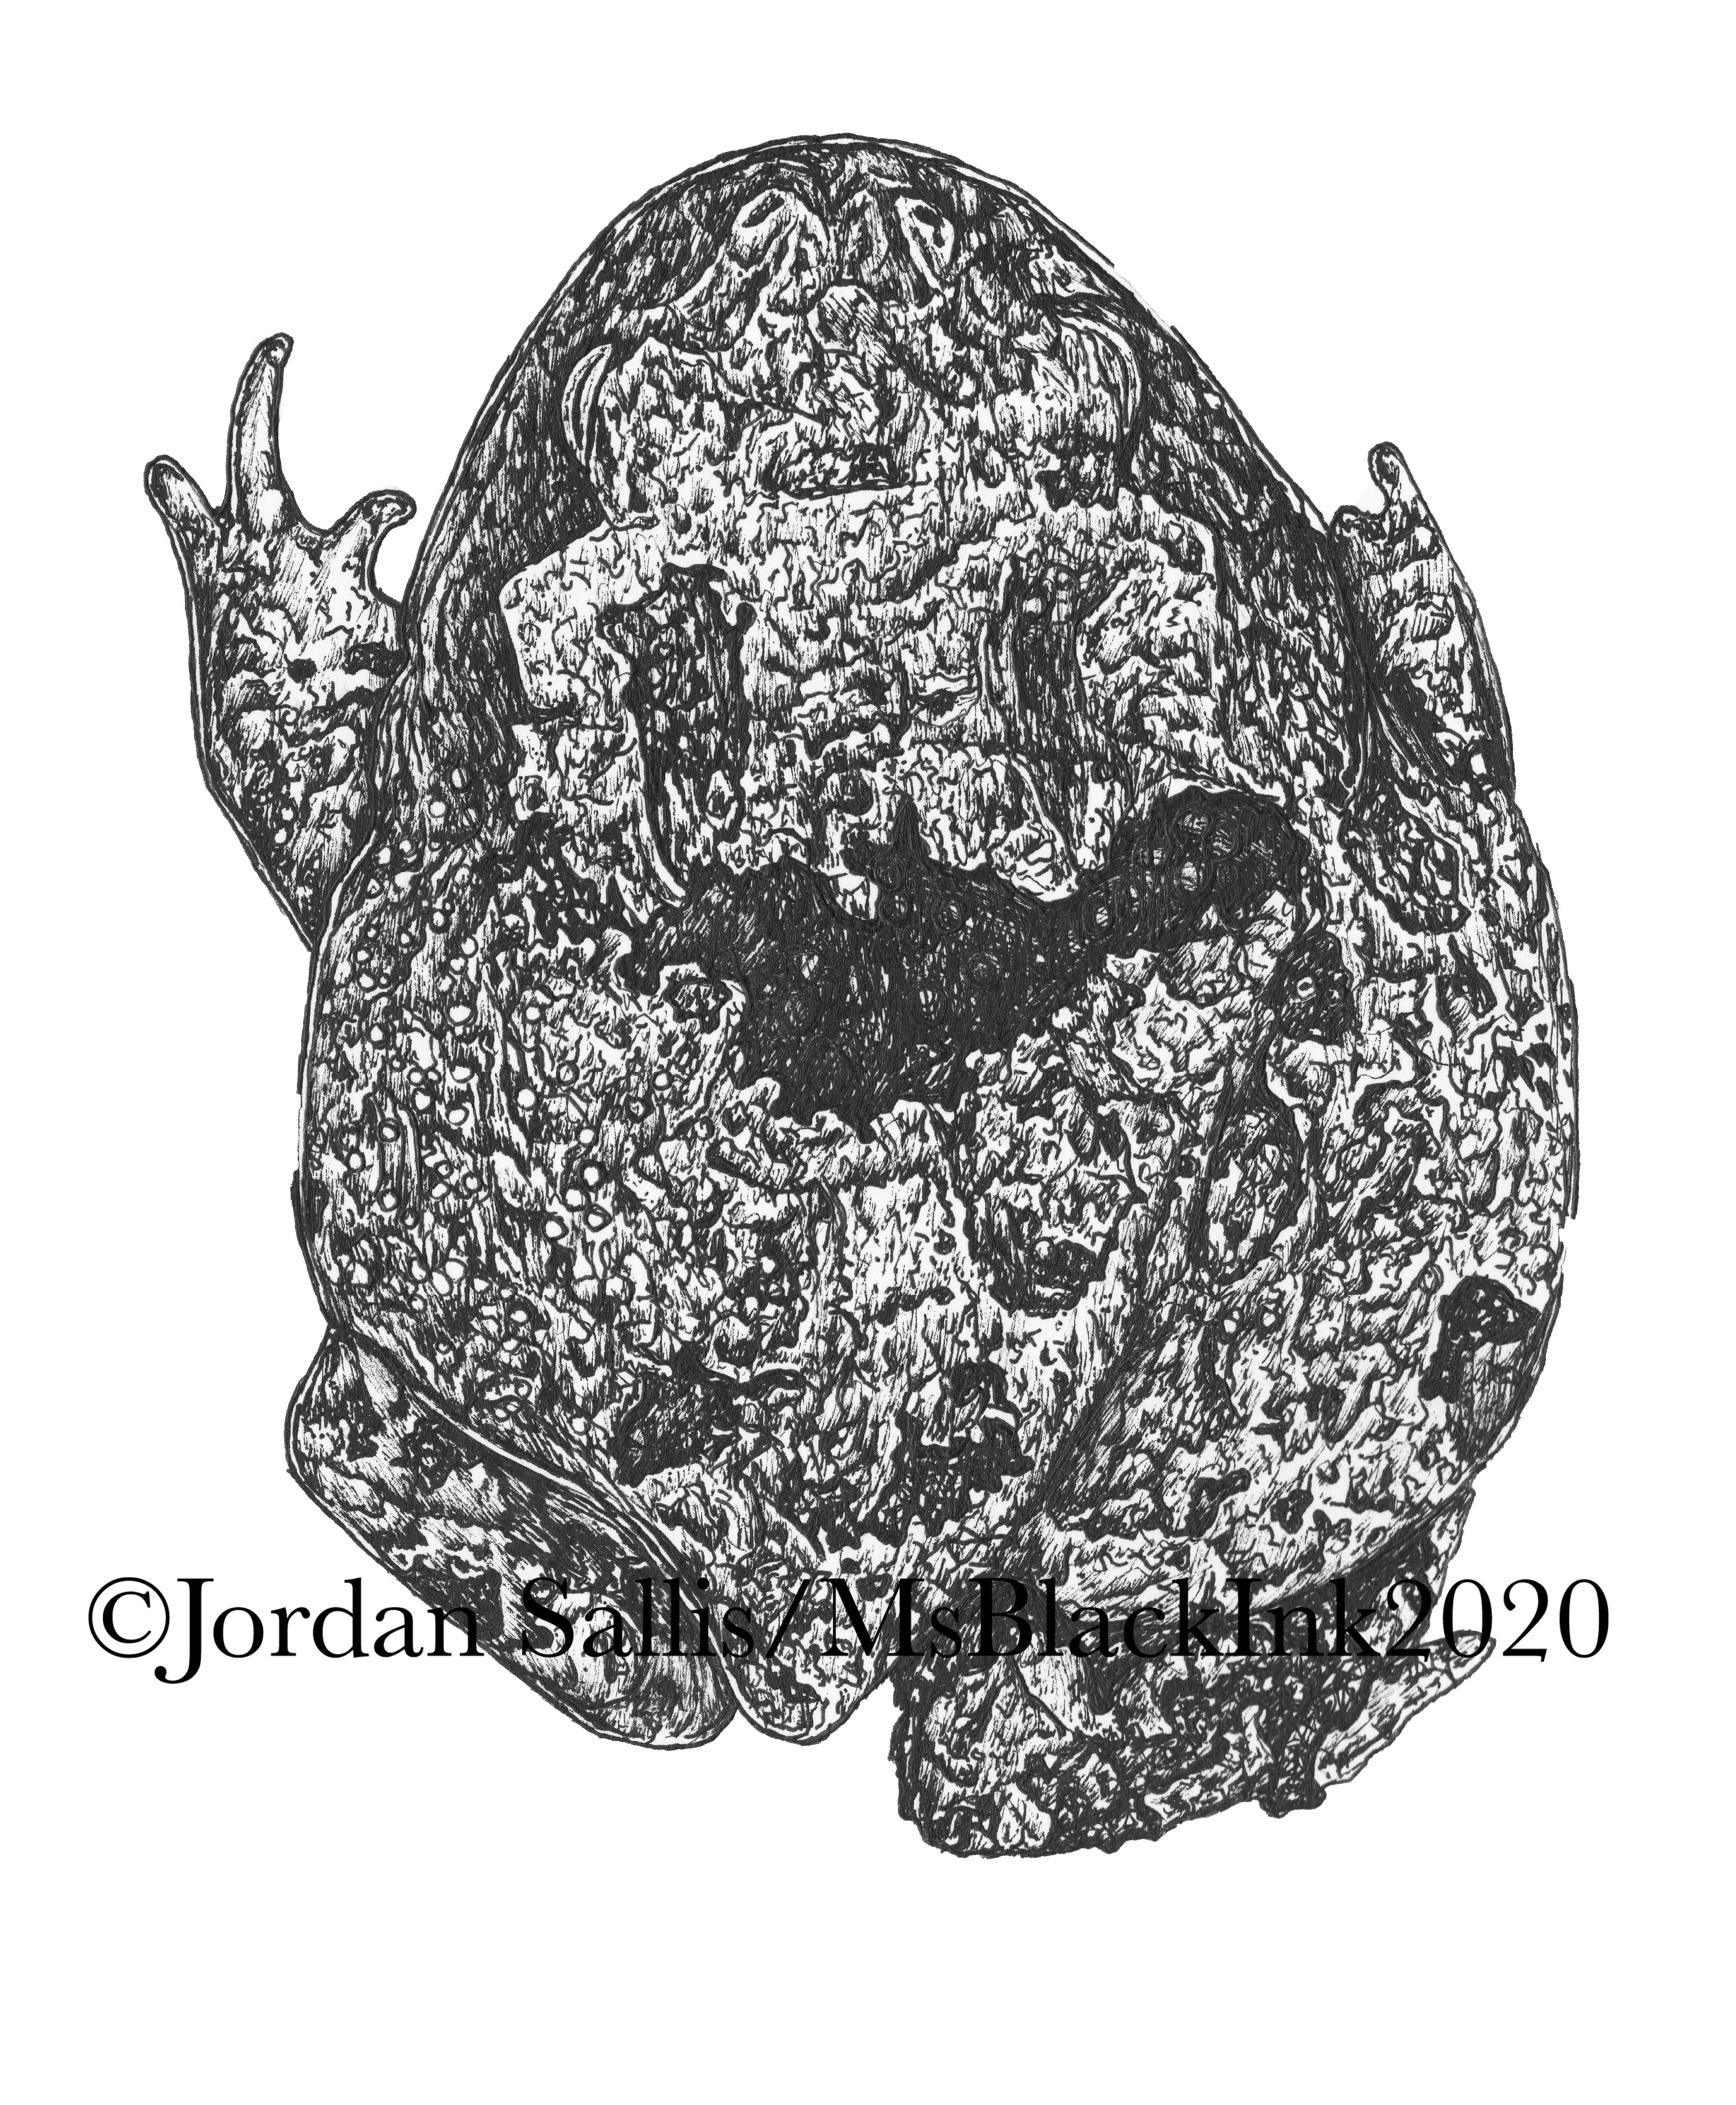 Cranwell's Horned Frog